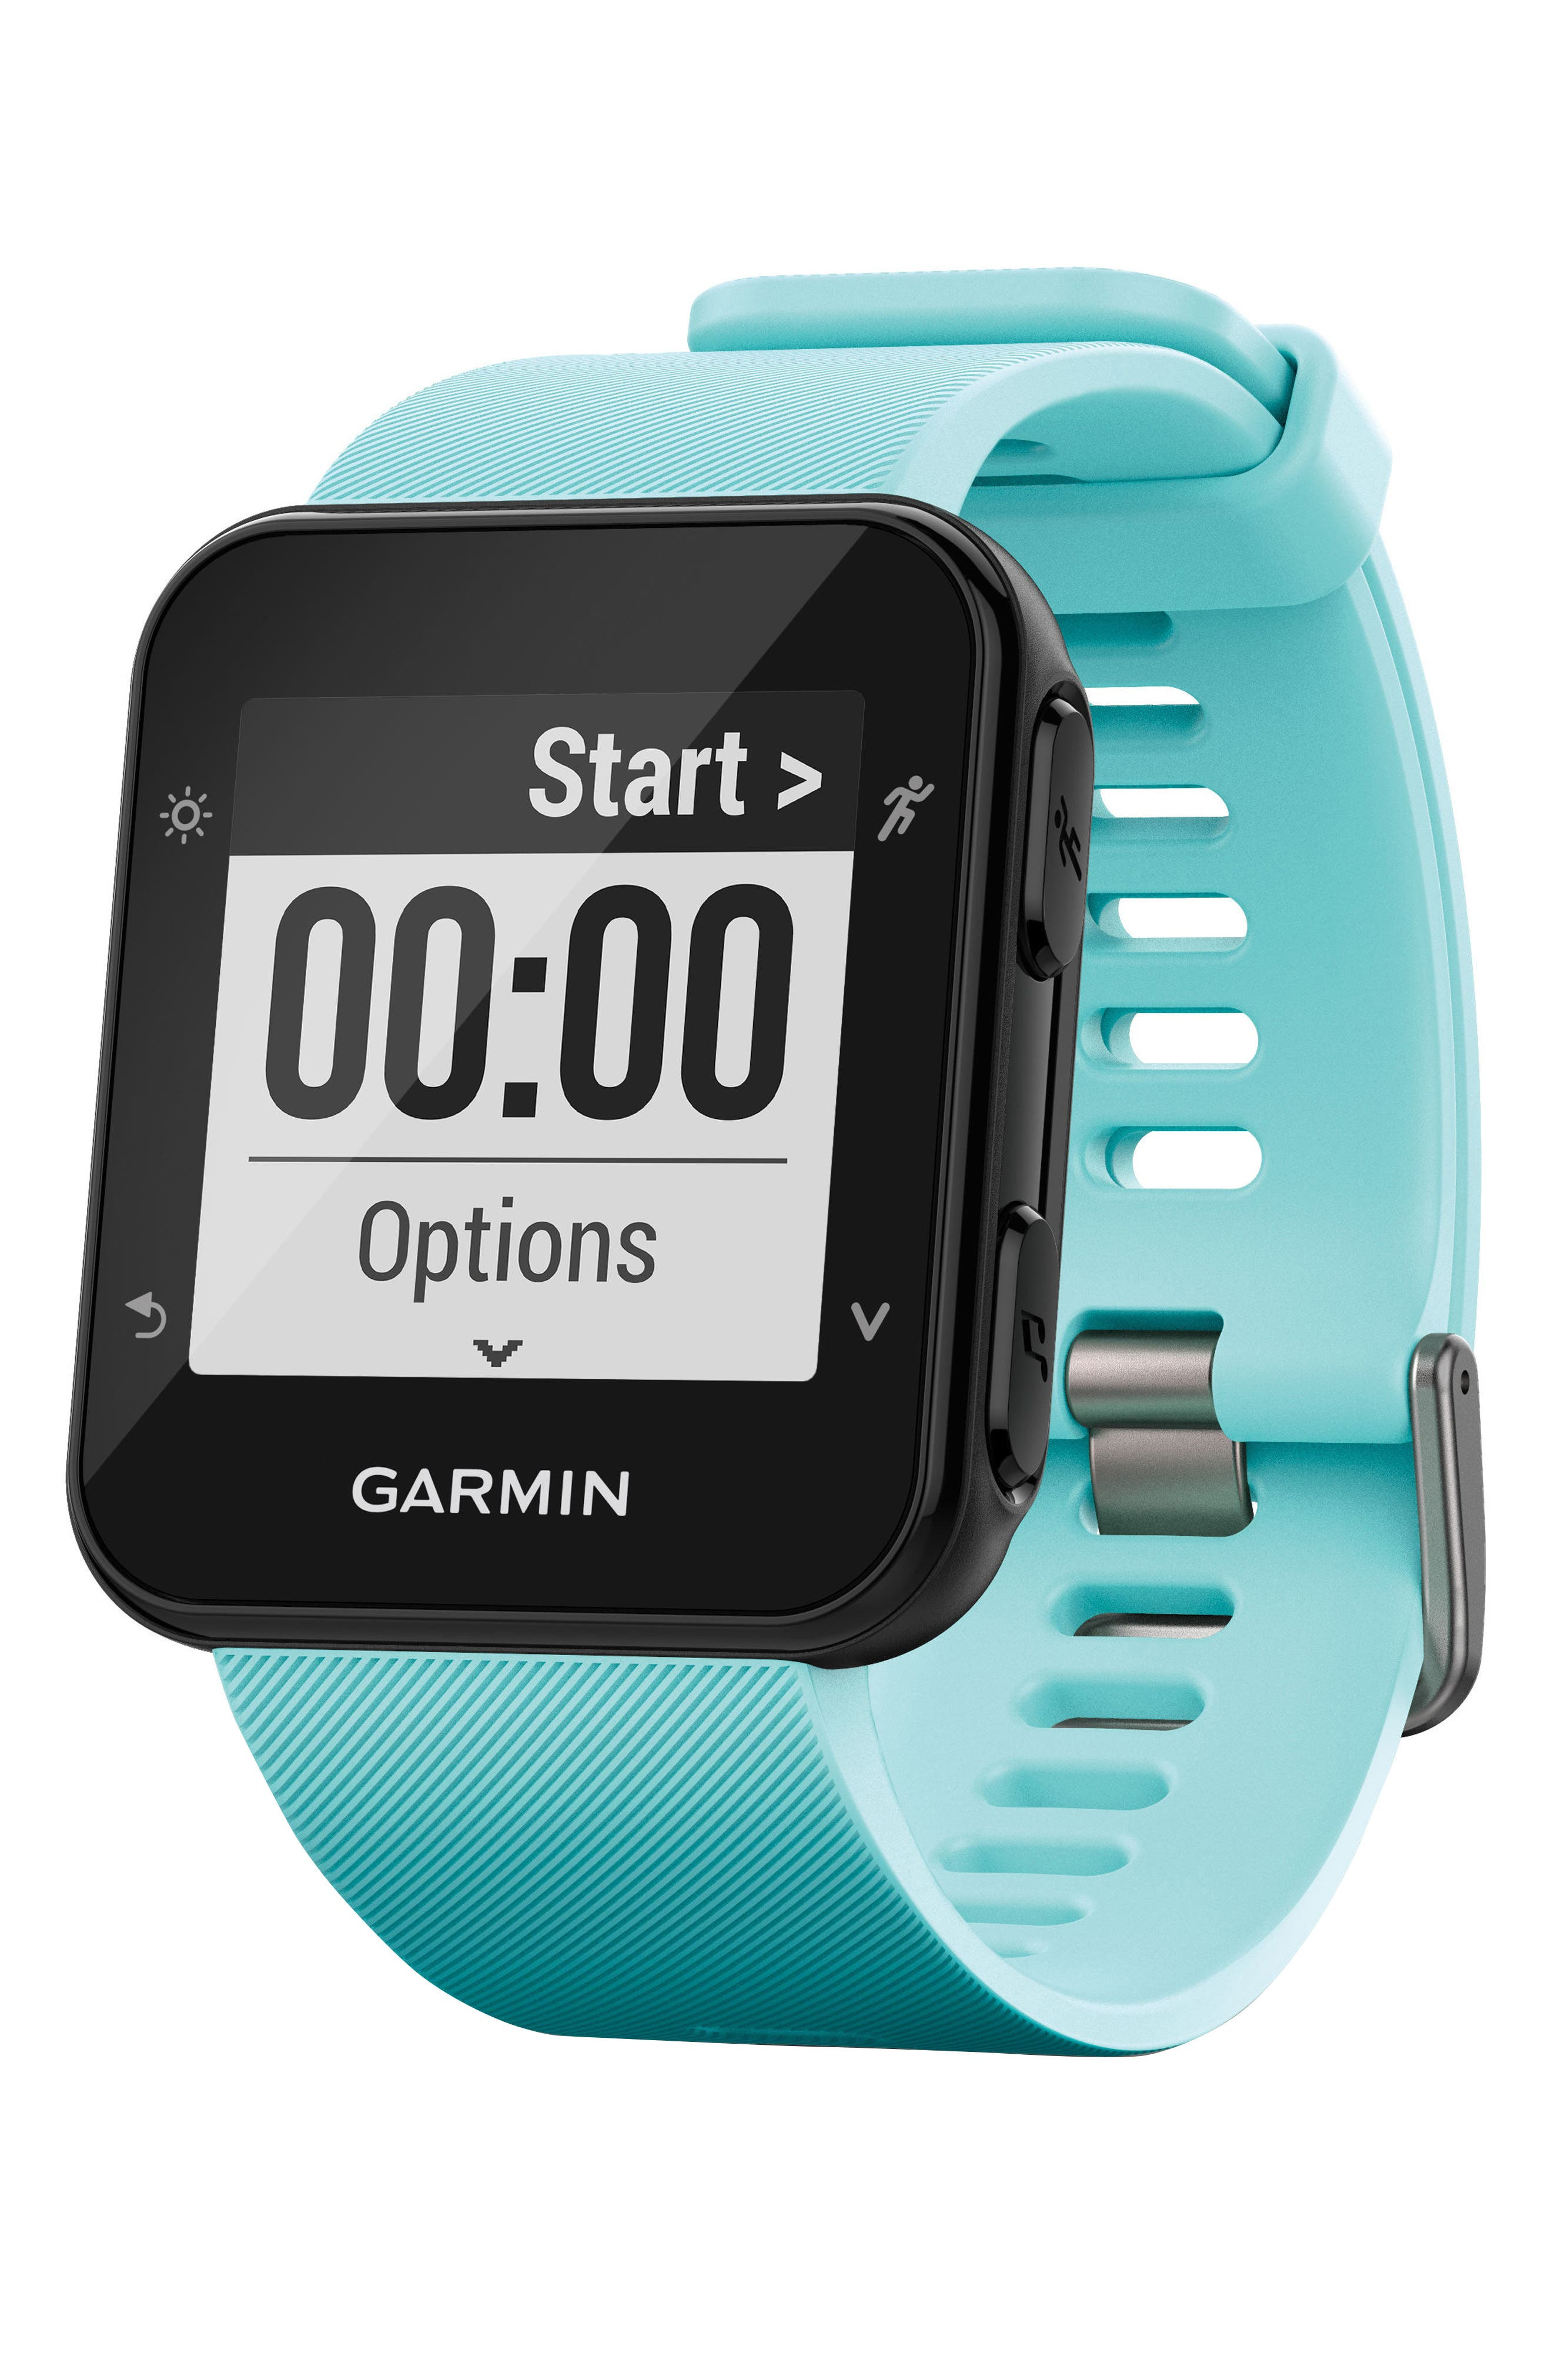 Garmin Forerunner 35 Activity Tracker Smart Watch, 35mm